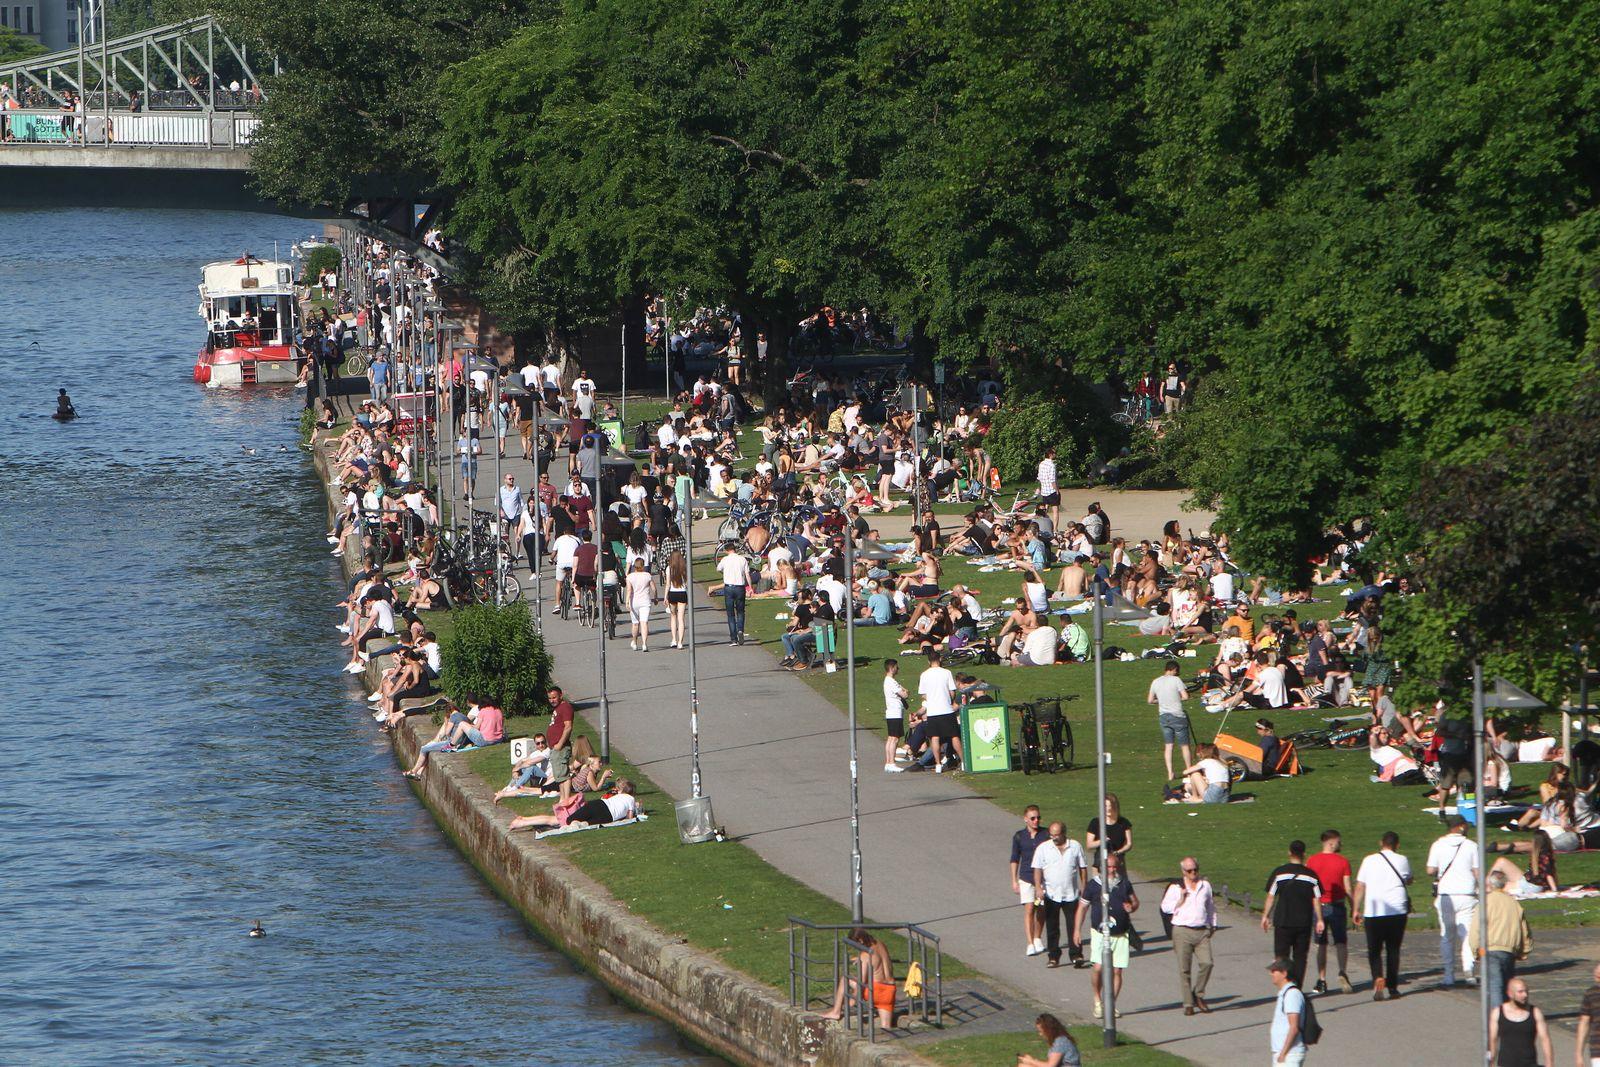 Sonnenhungrige in großer Zahl genießen den Himmelfahrtstag nach den Lockerungsmaßnahmen in der Coronavirus-Krise die wa